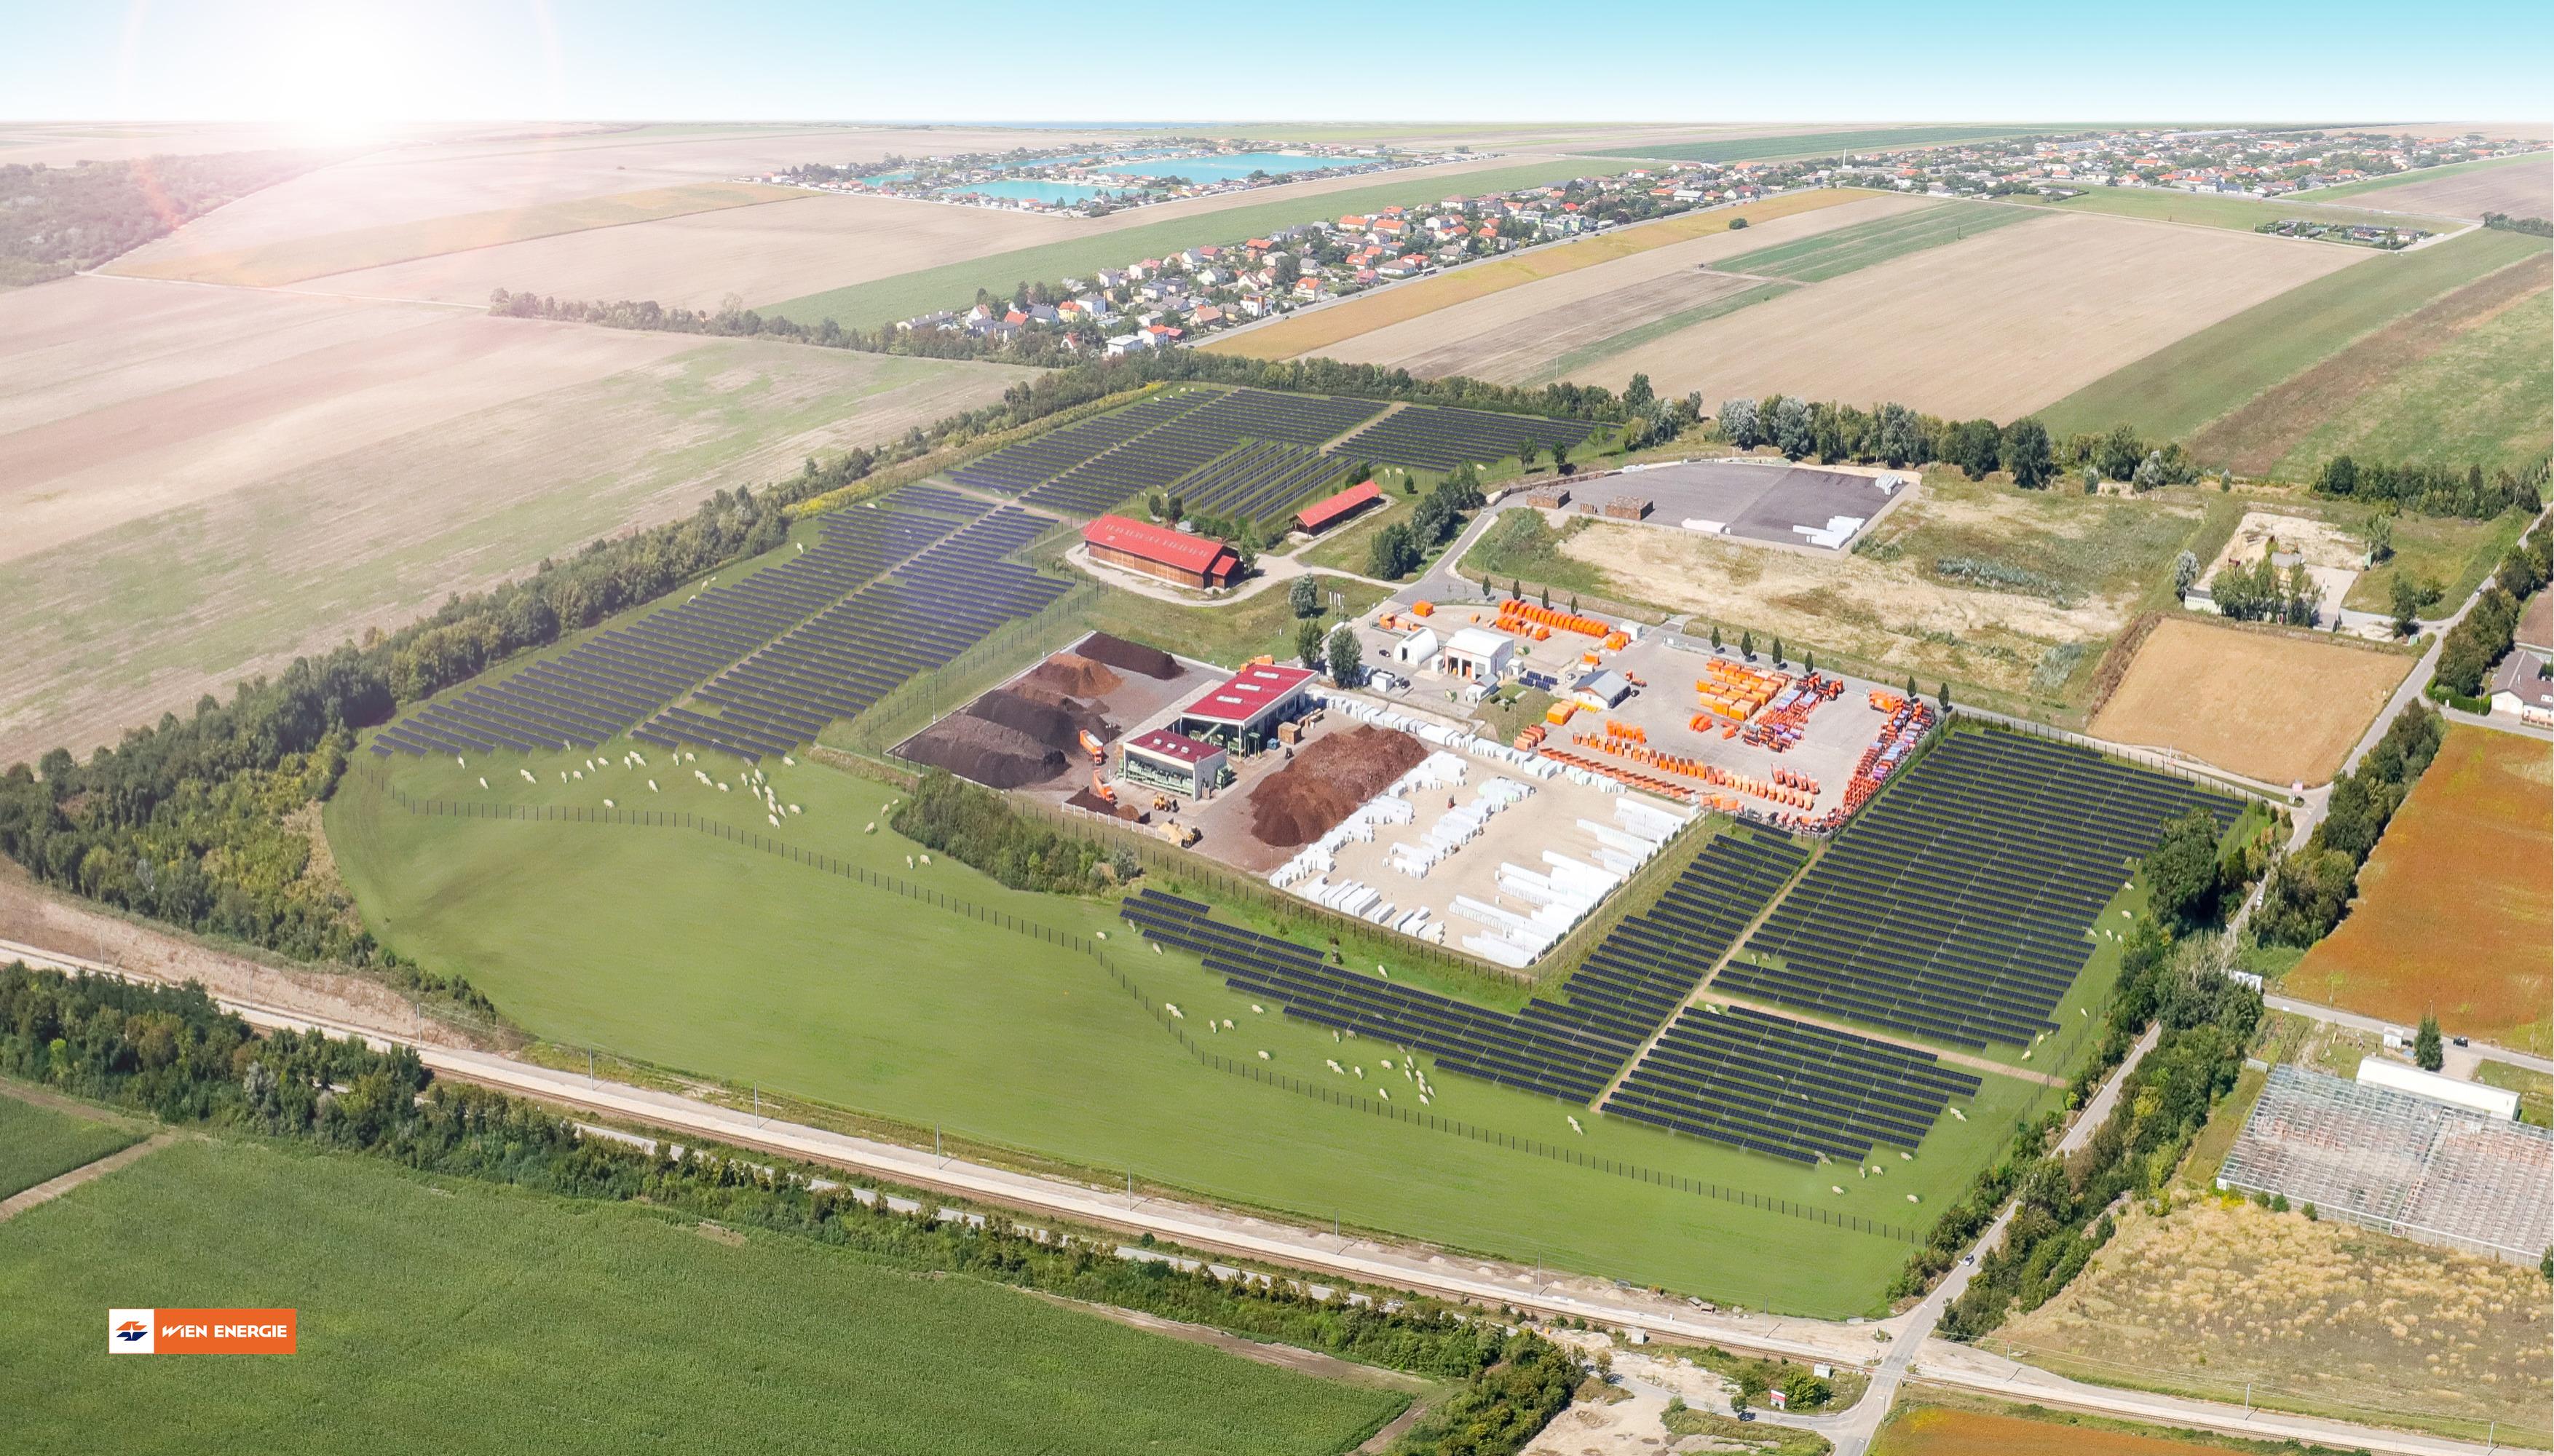 So sieht der Plan auf den Schafflerhofgründen in Wien-Donaustadt aus: Photovoltaik, Weidefläche und Ackerbau. © Wien Energie/Christian Fürthner (Foto)/Corsaro Graphic Design (Montage)